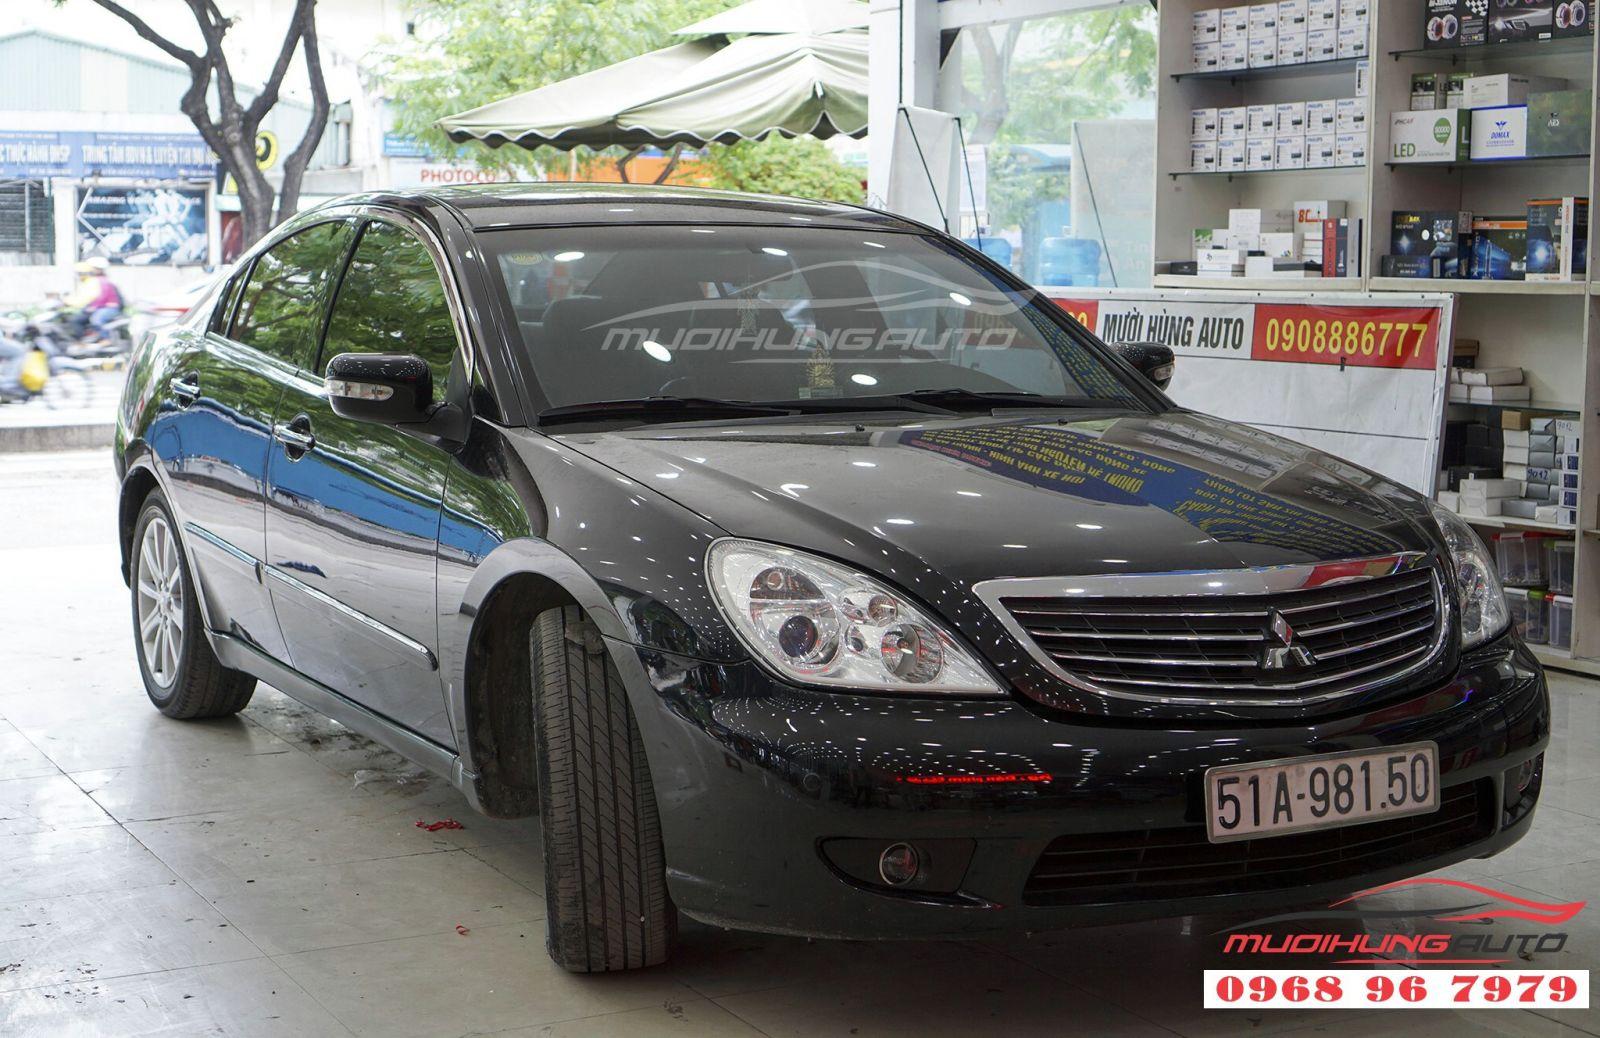 Mitsubishi Galant độ pô uy tín tại TPHCM 04